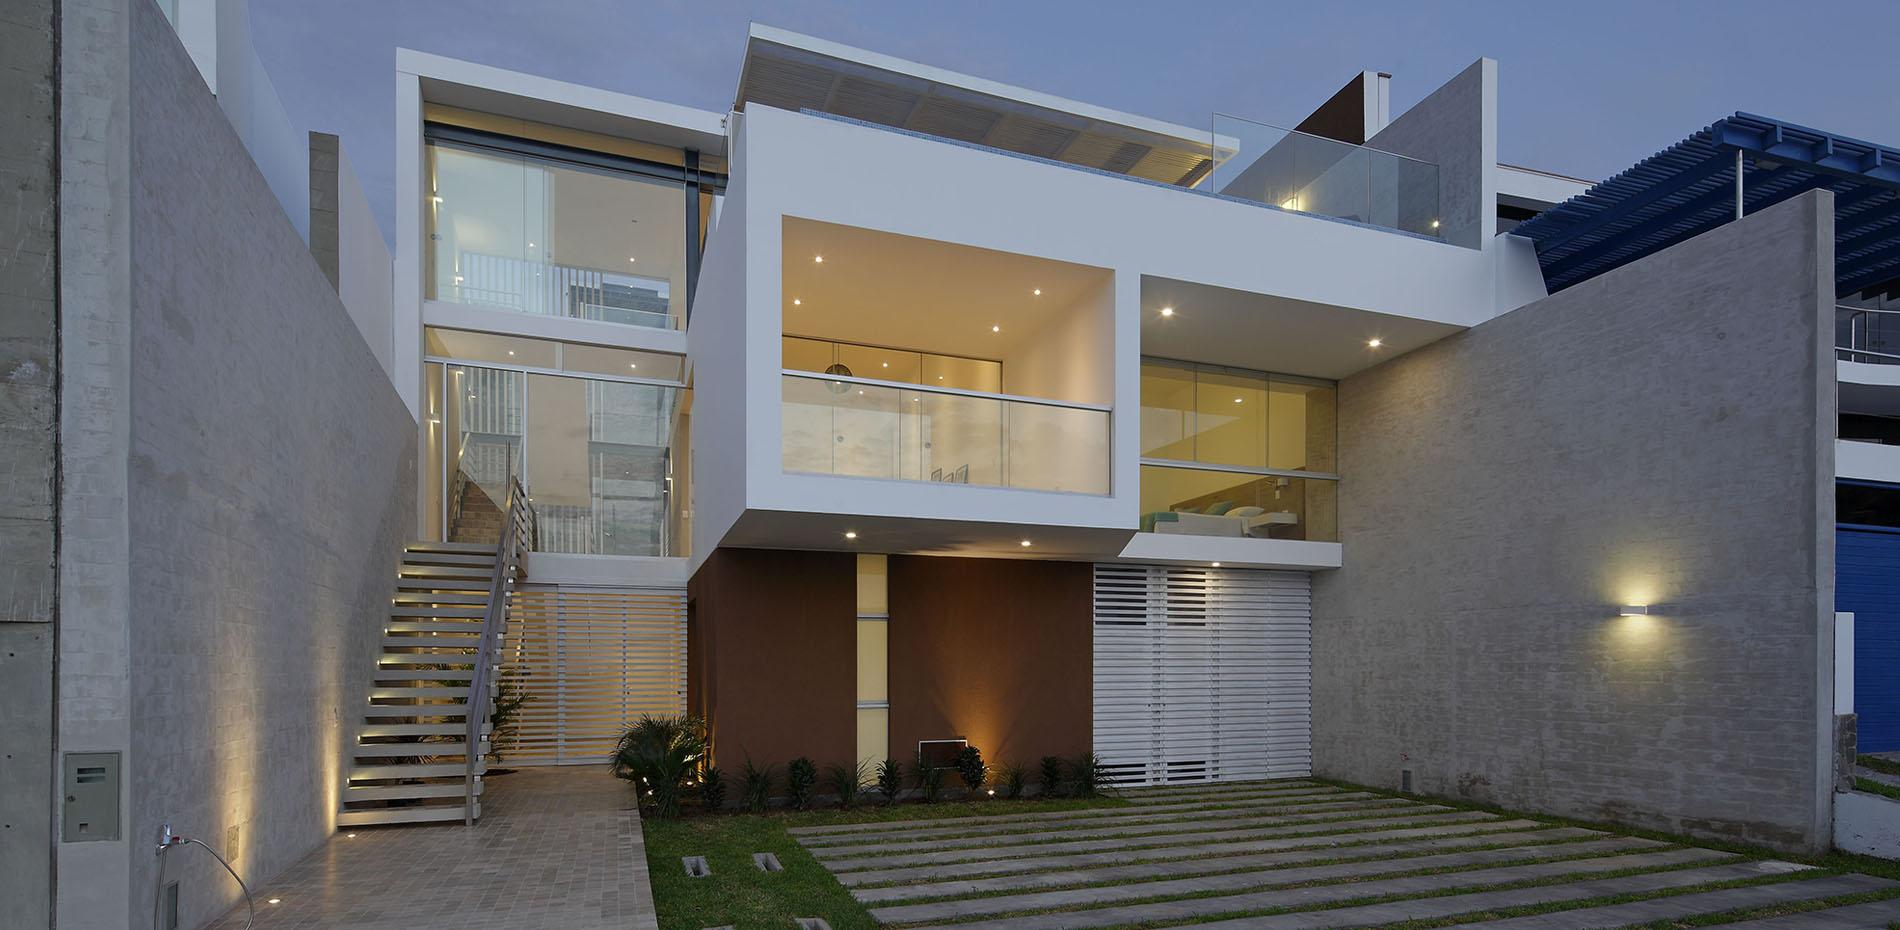 Proyecto Arquitectura Casa De Playa Lomas B15 Lima Perú